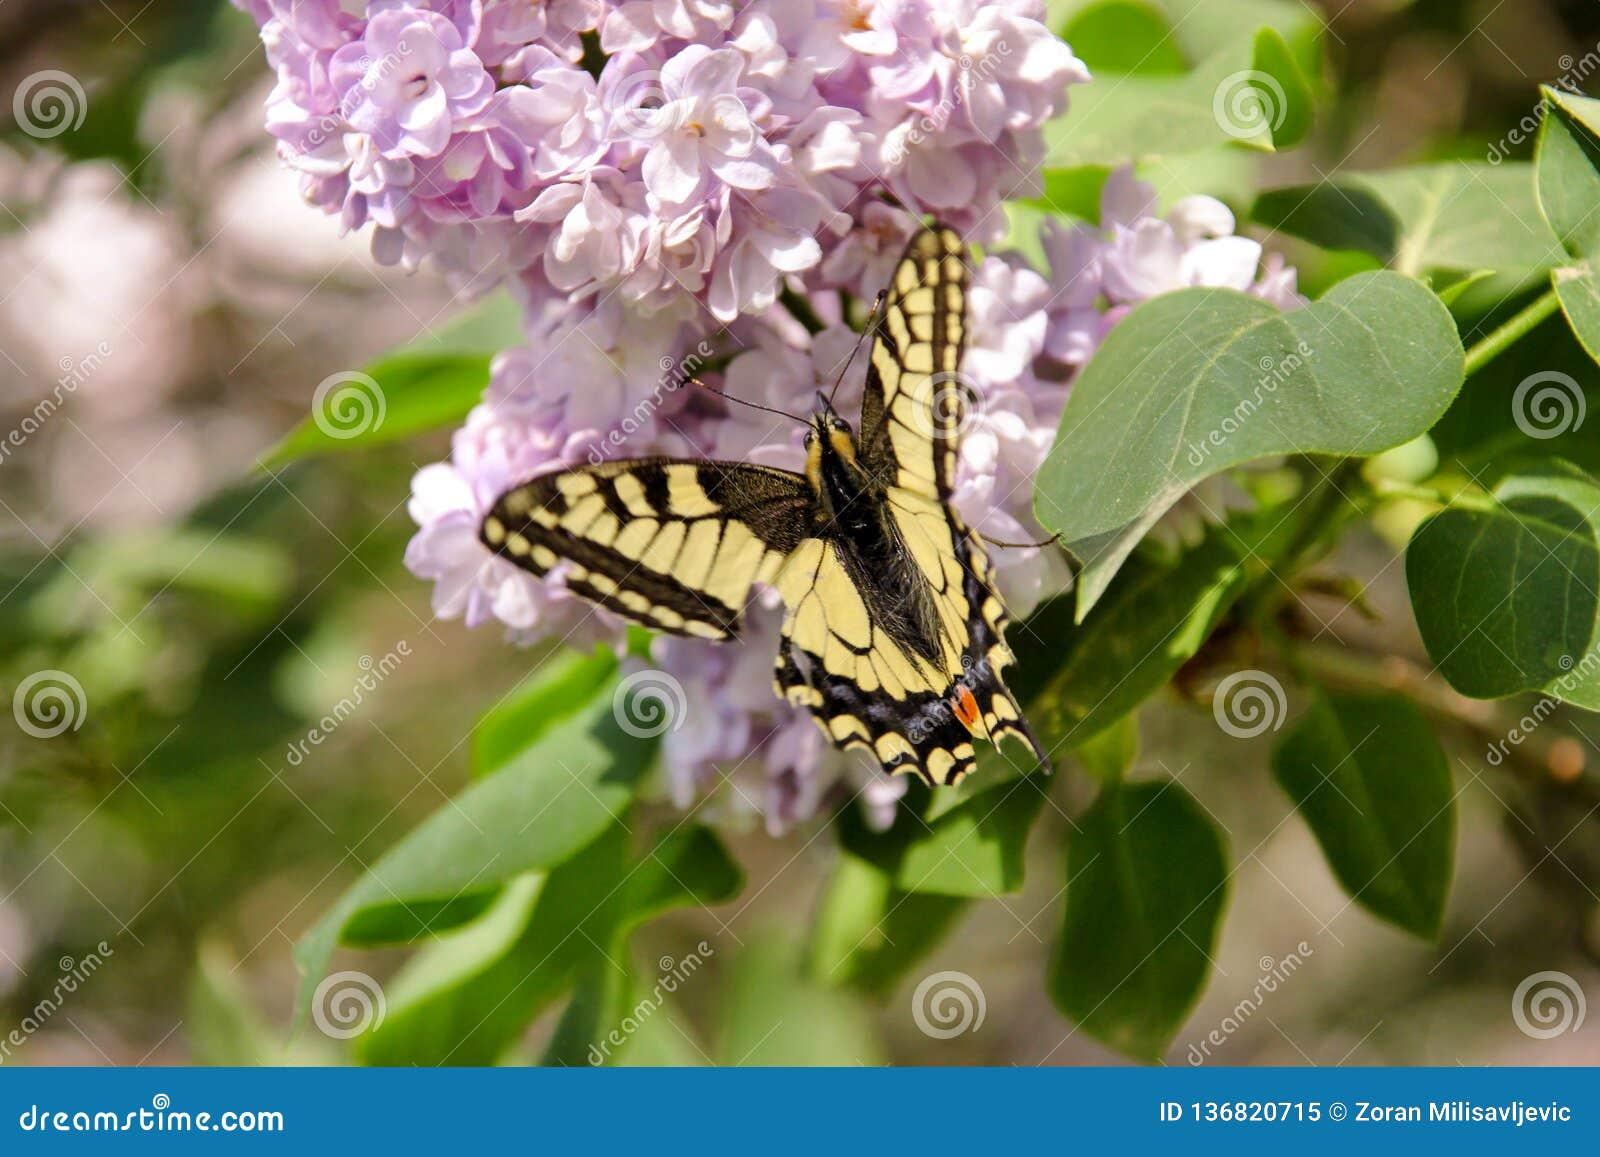 Borboleta oriental do swallowtail do tigre na mola no jardim com as flores roxas da árvore lilás do syringa Estação de mola